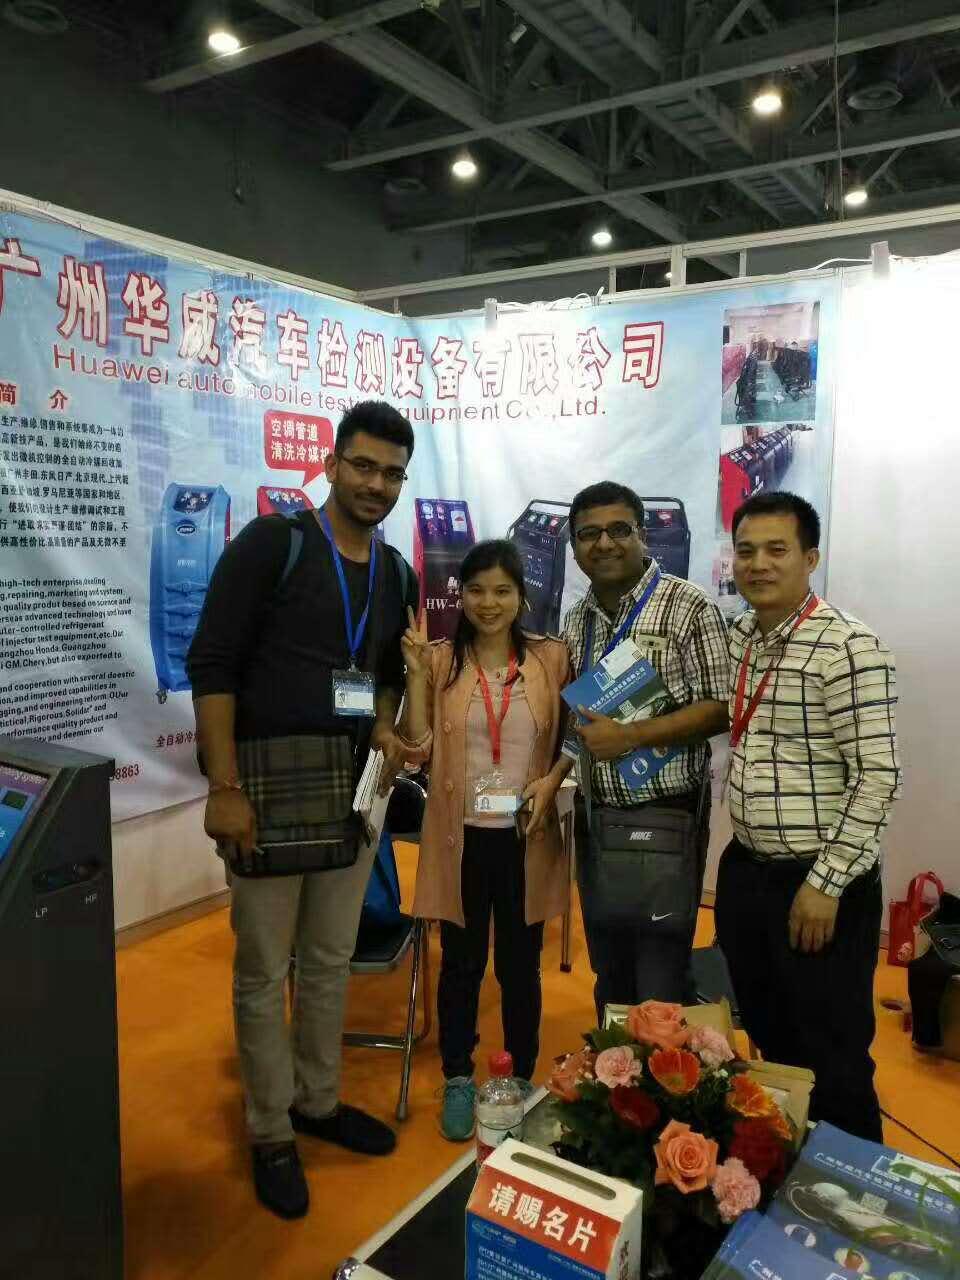 Guangzhou Exibition show